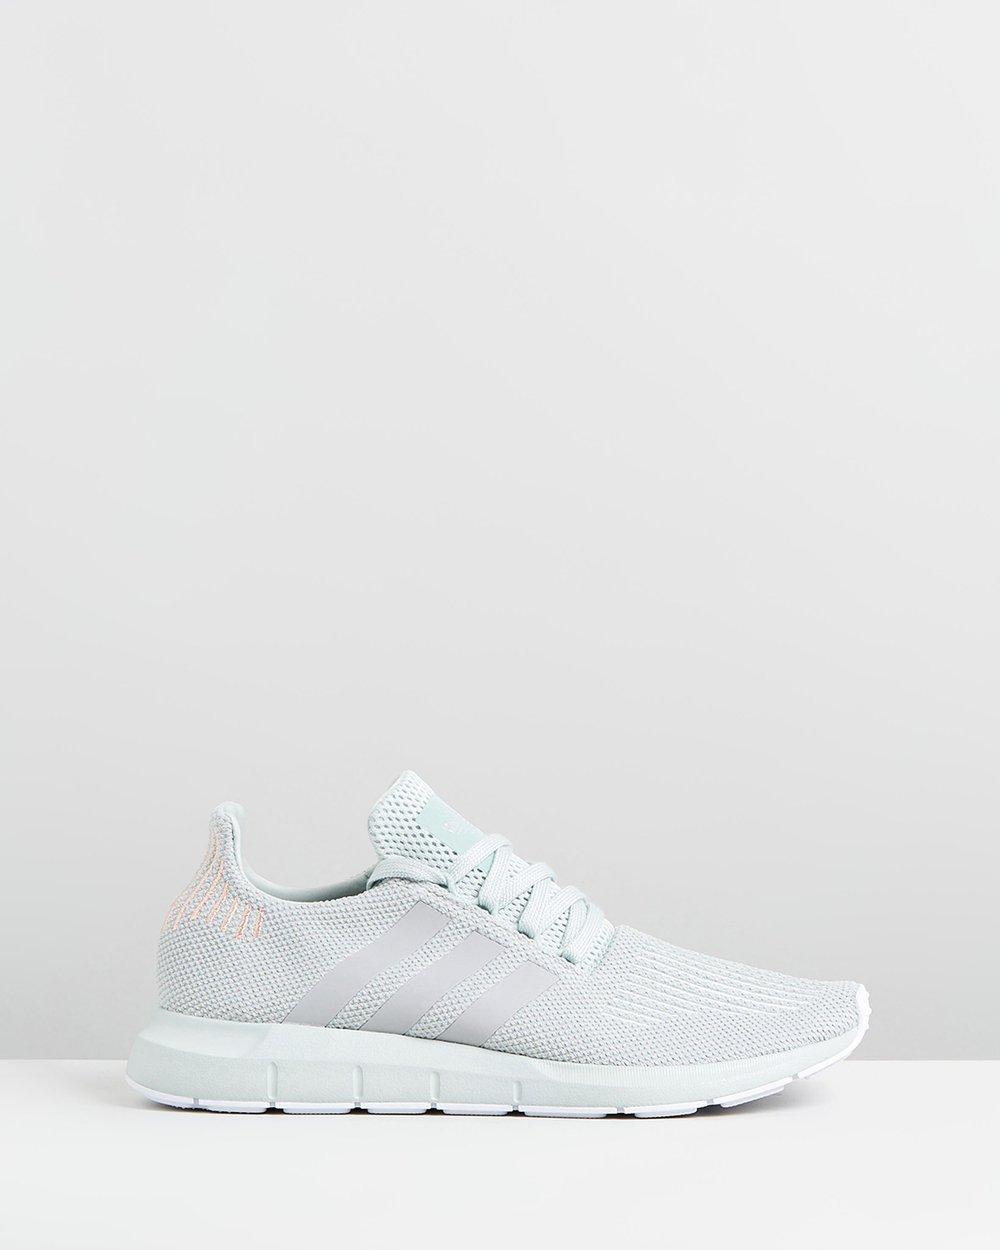 07423ecb9a9 Swift Run - Women s by adidas Originals Online